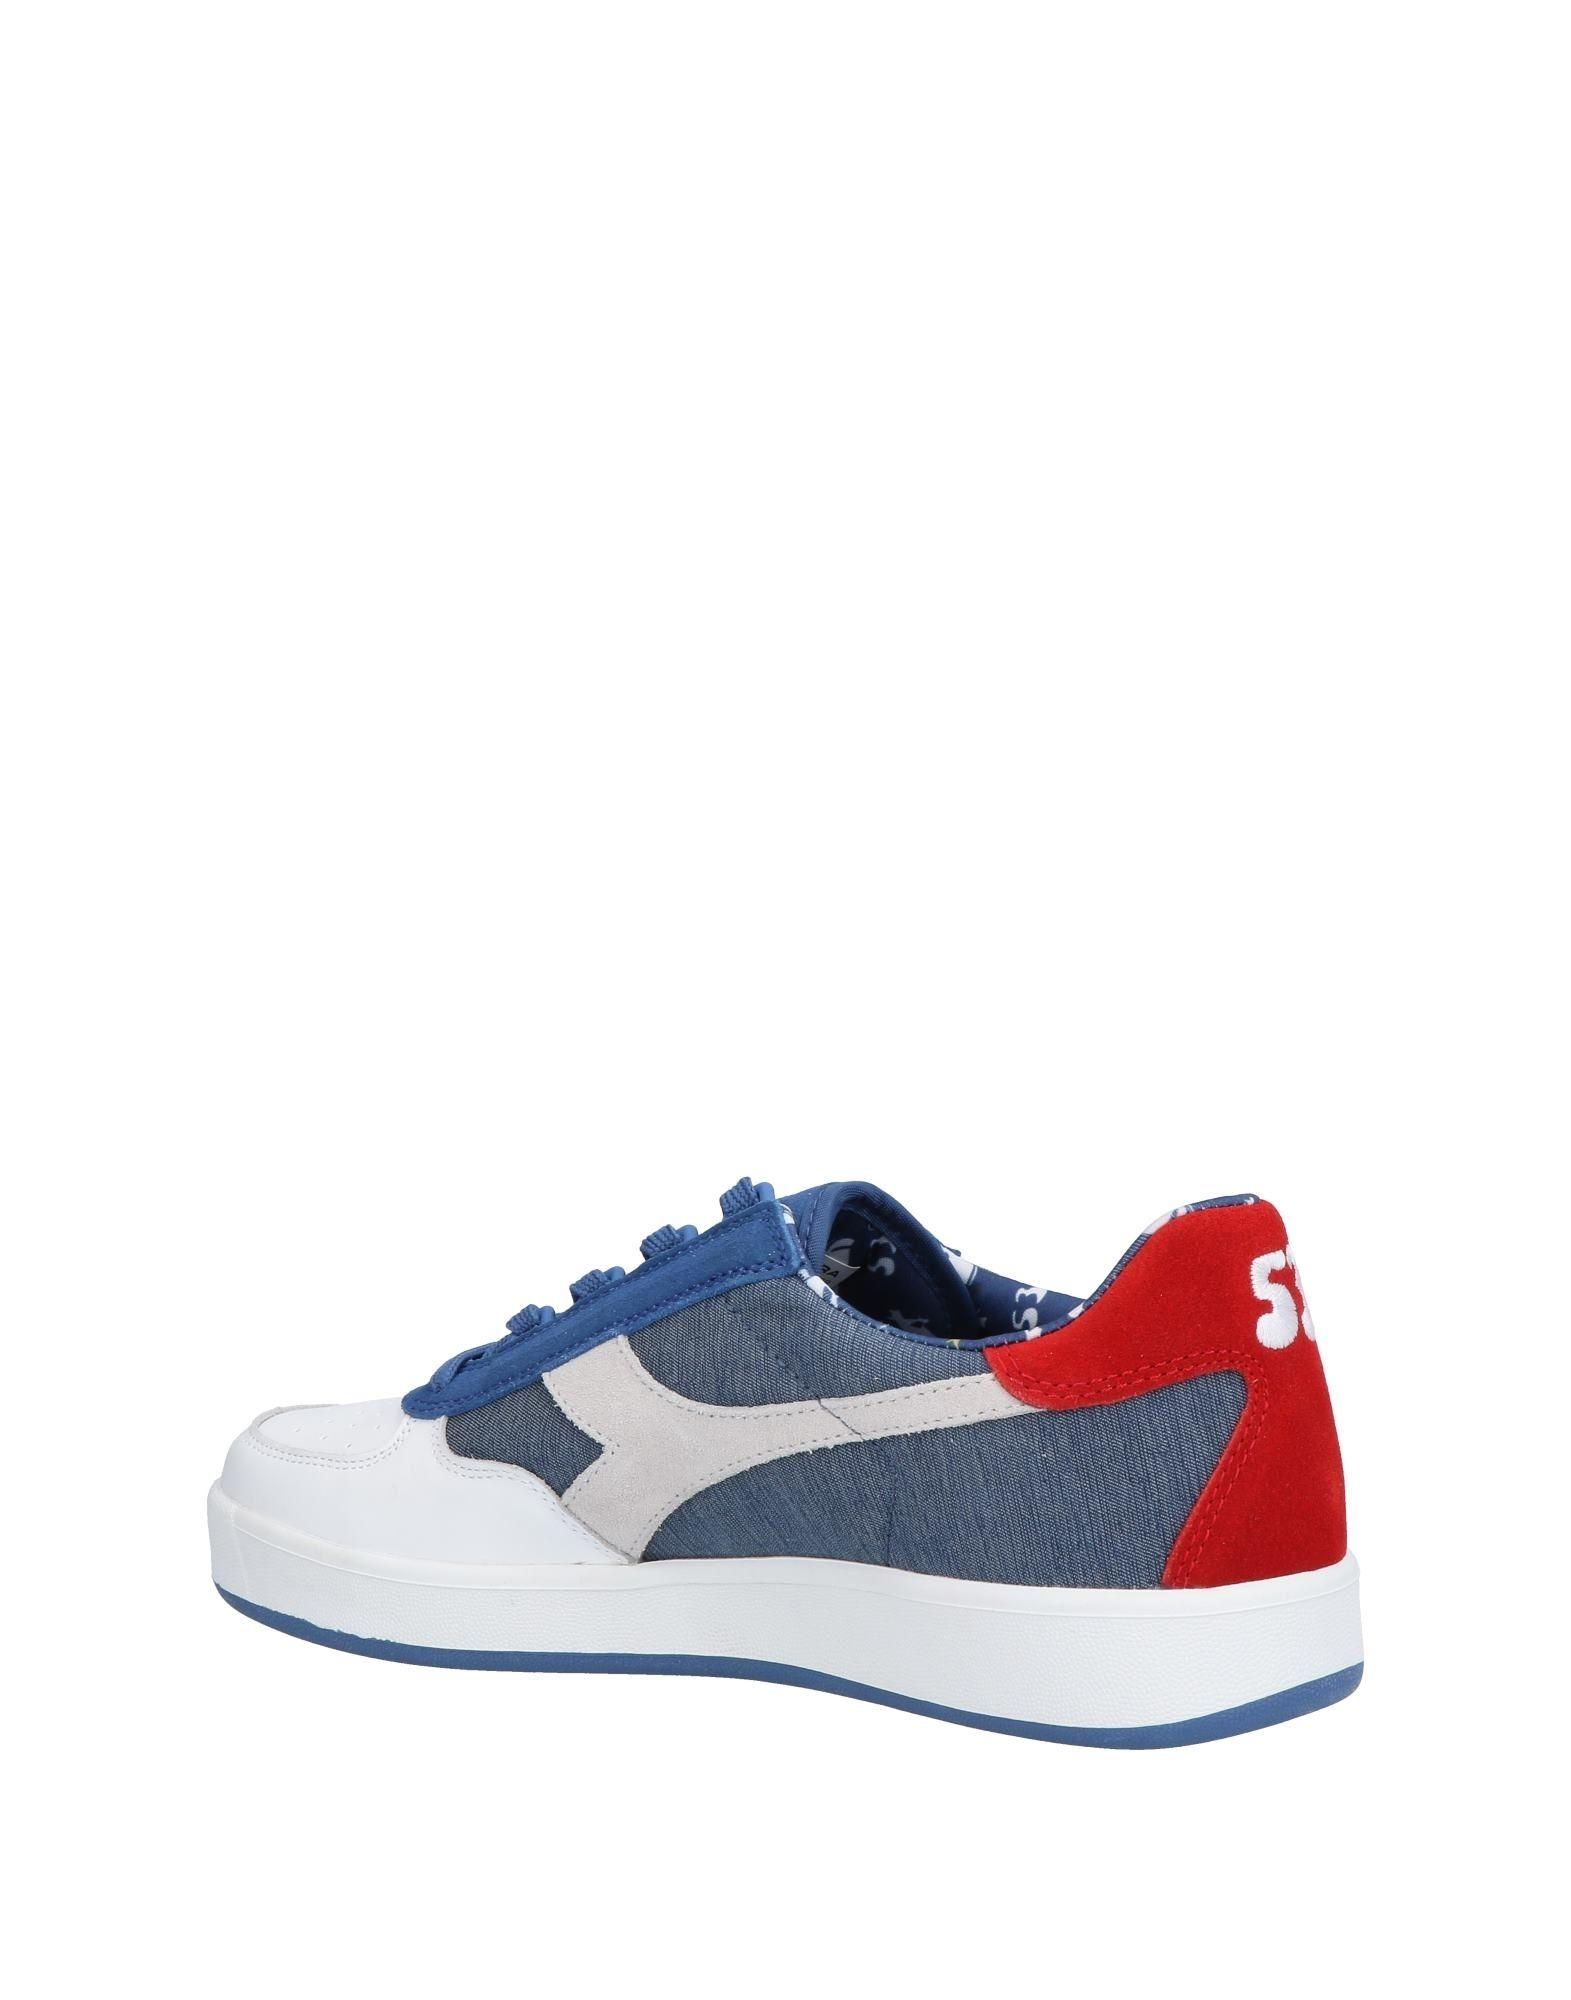 Diadora Sneakers Herren Herren Sneakers  11429206JL Heiße Schuhe d871b8